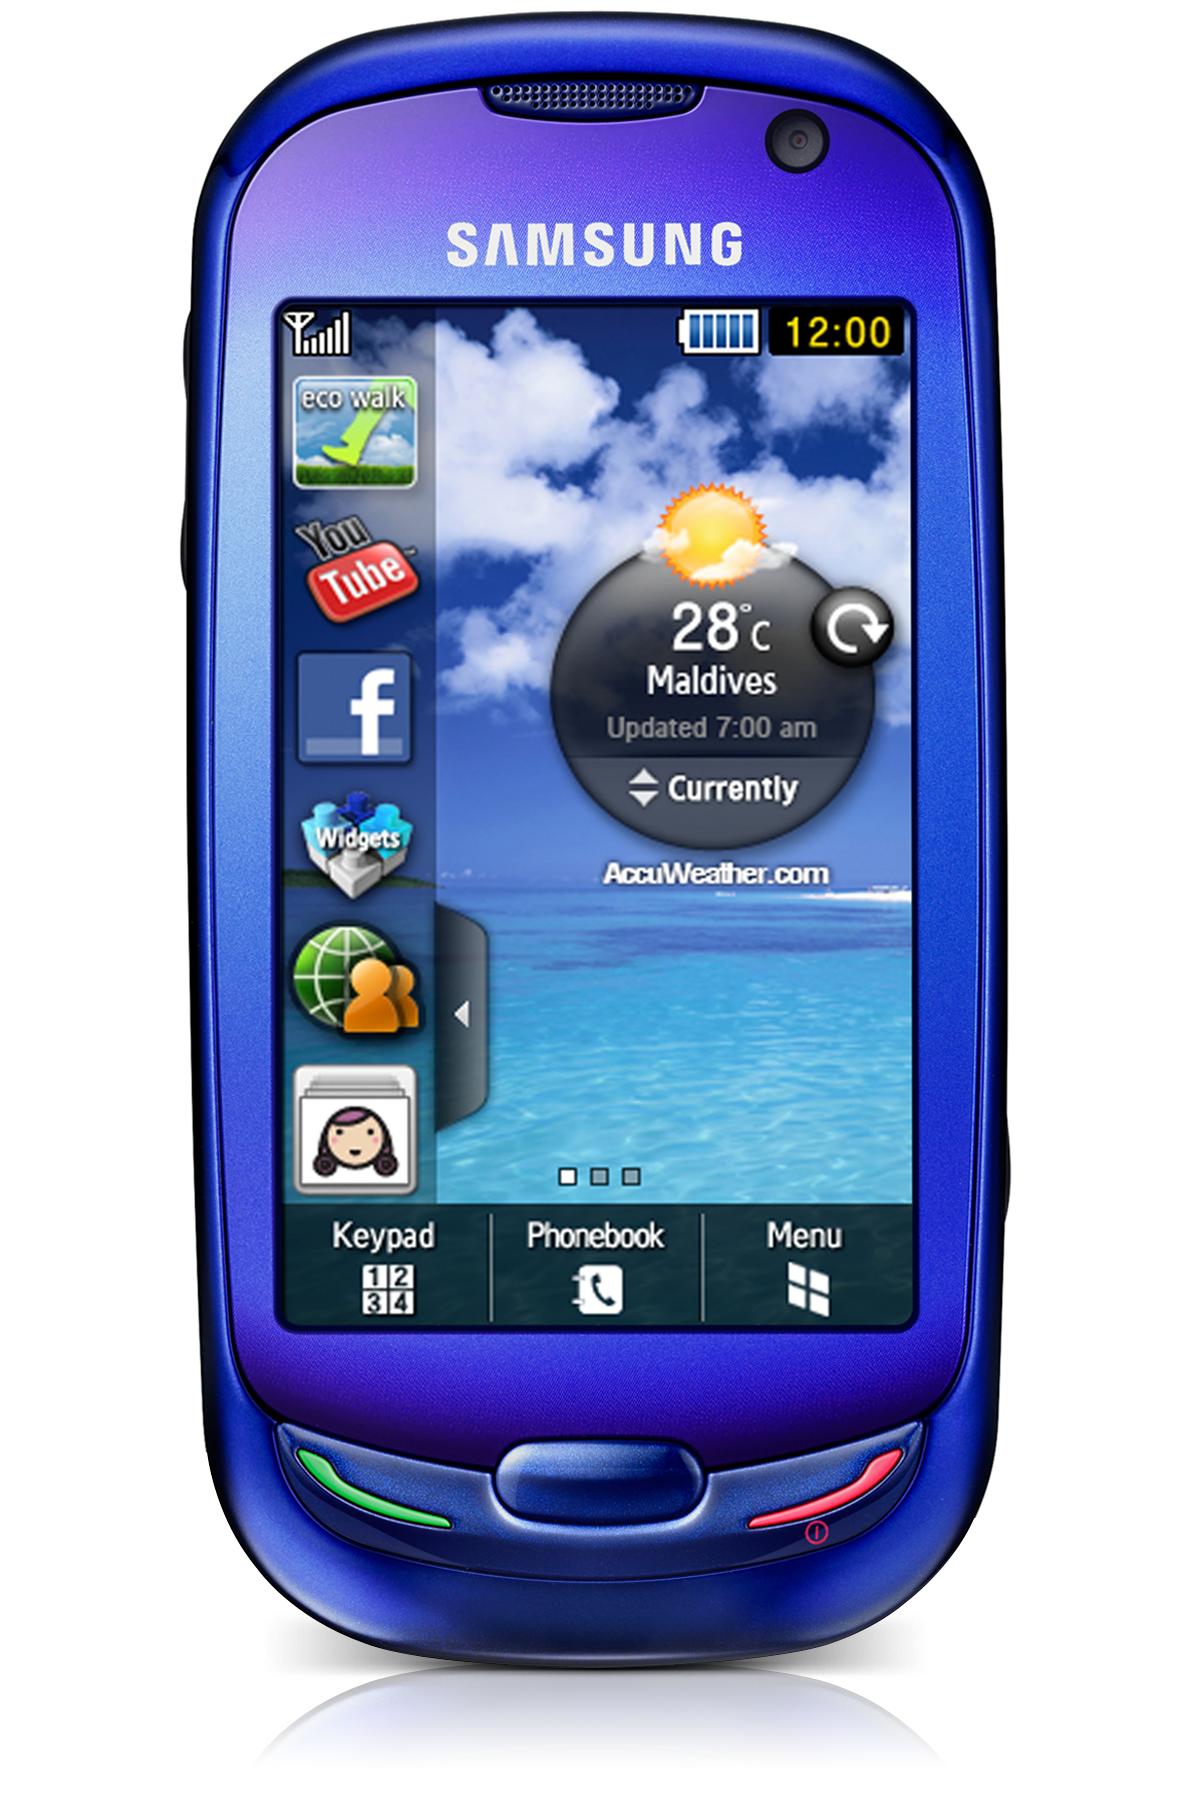 Samsung Blue Earth bleu - Open market